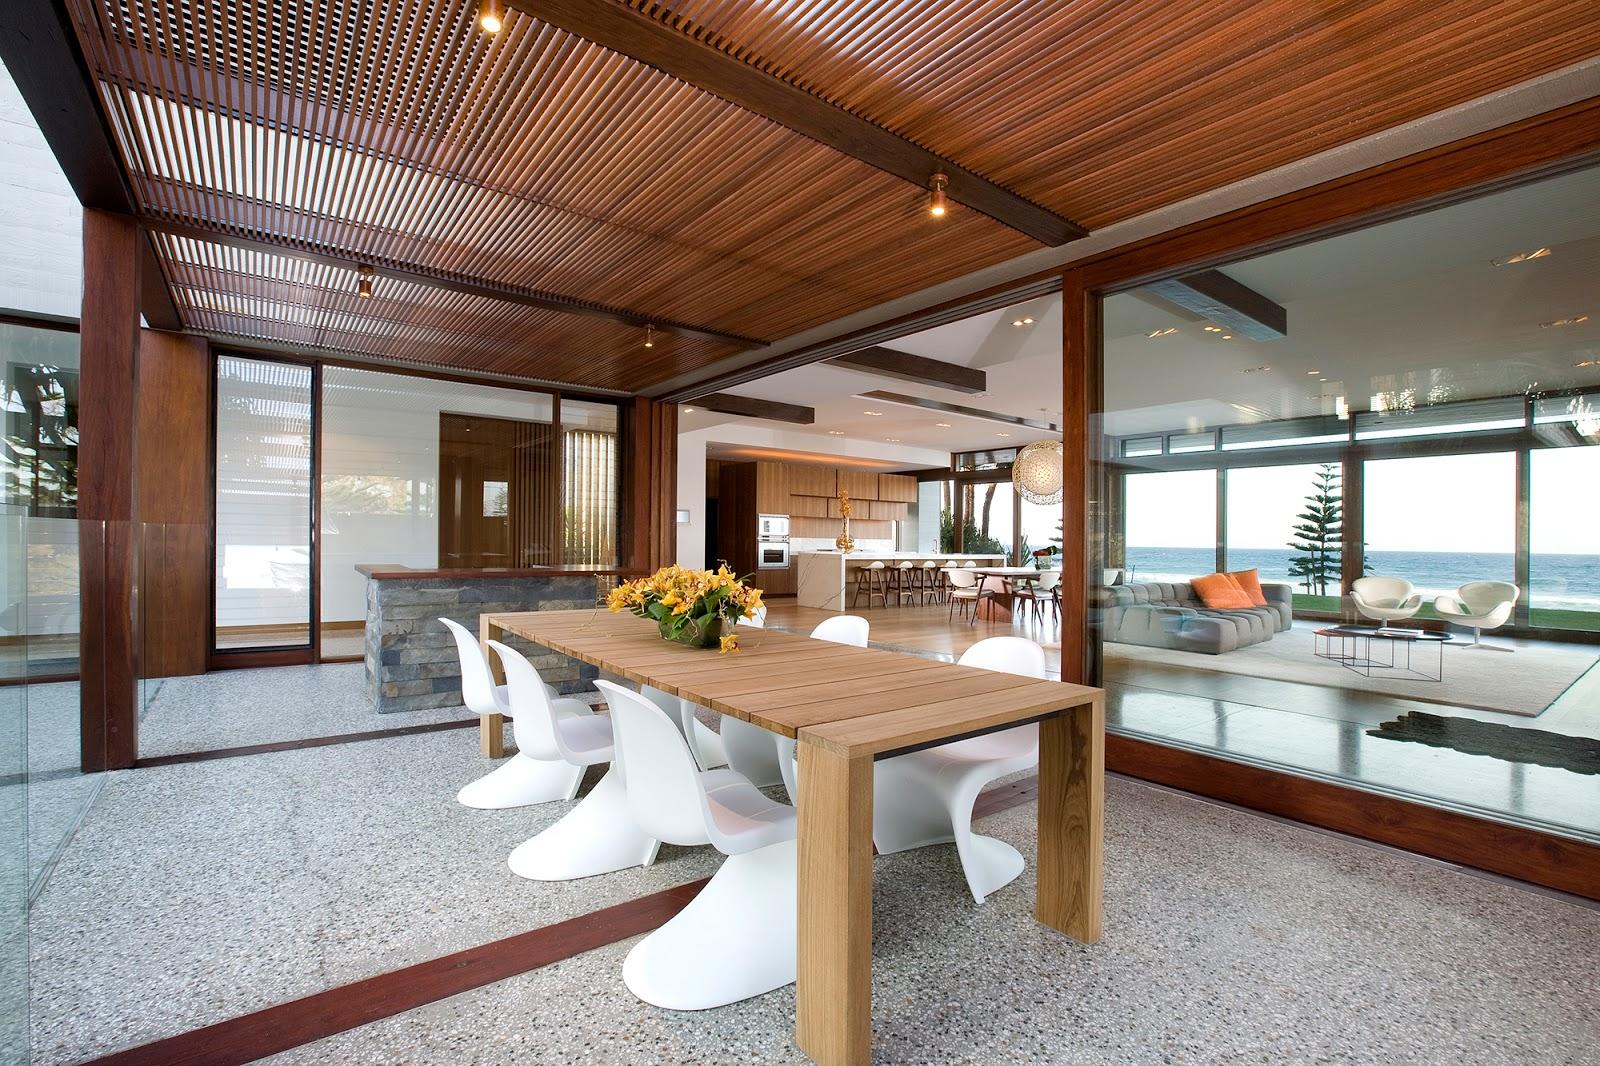 Gallart grupo el blog suelos y puertas de madera en - Pared de madera decoracion ...